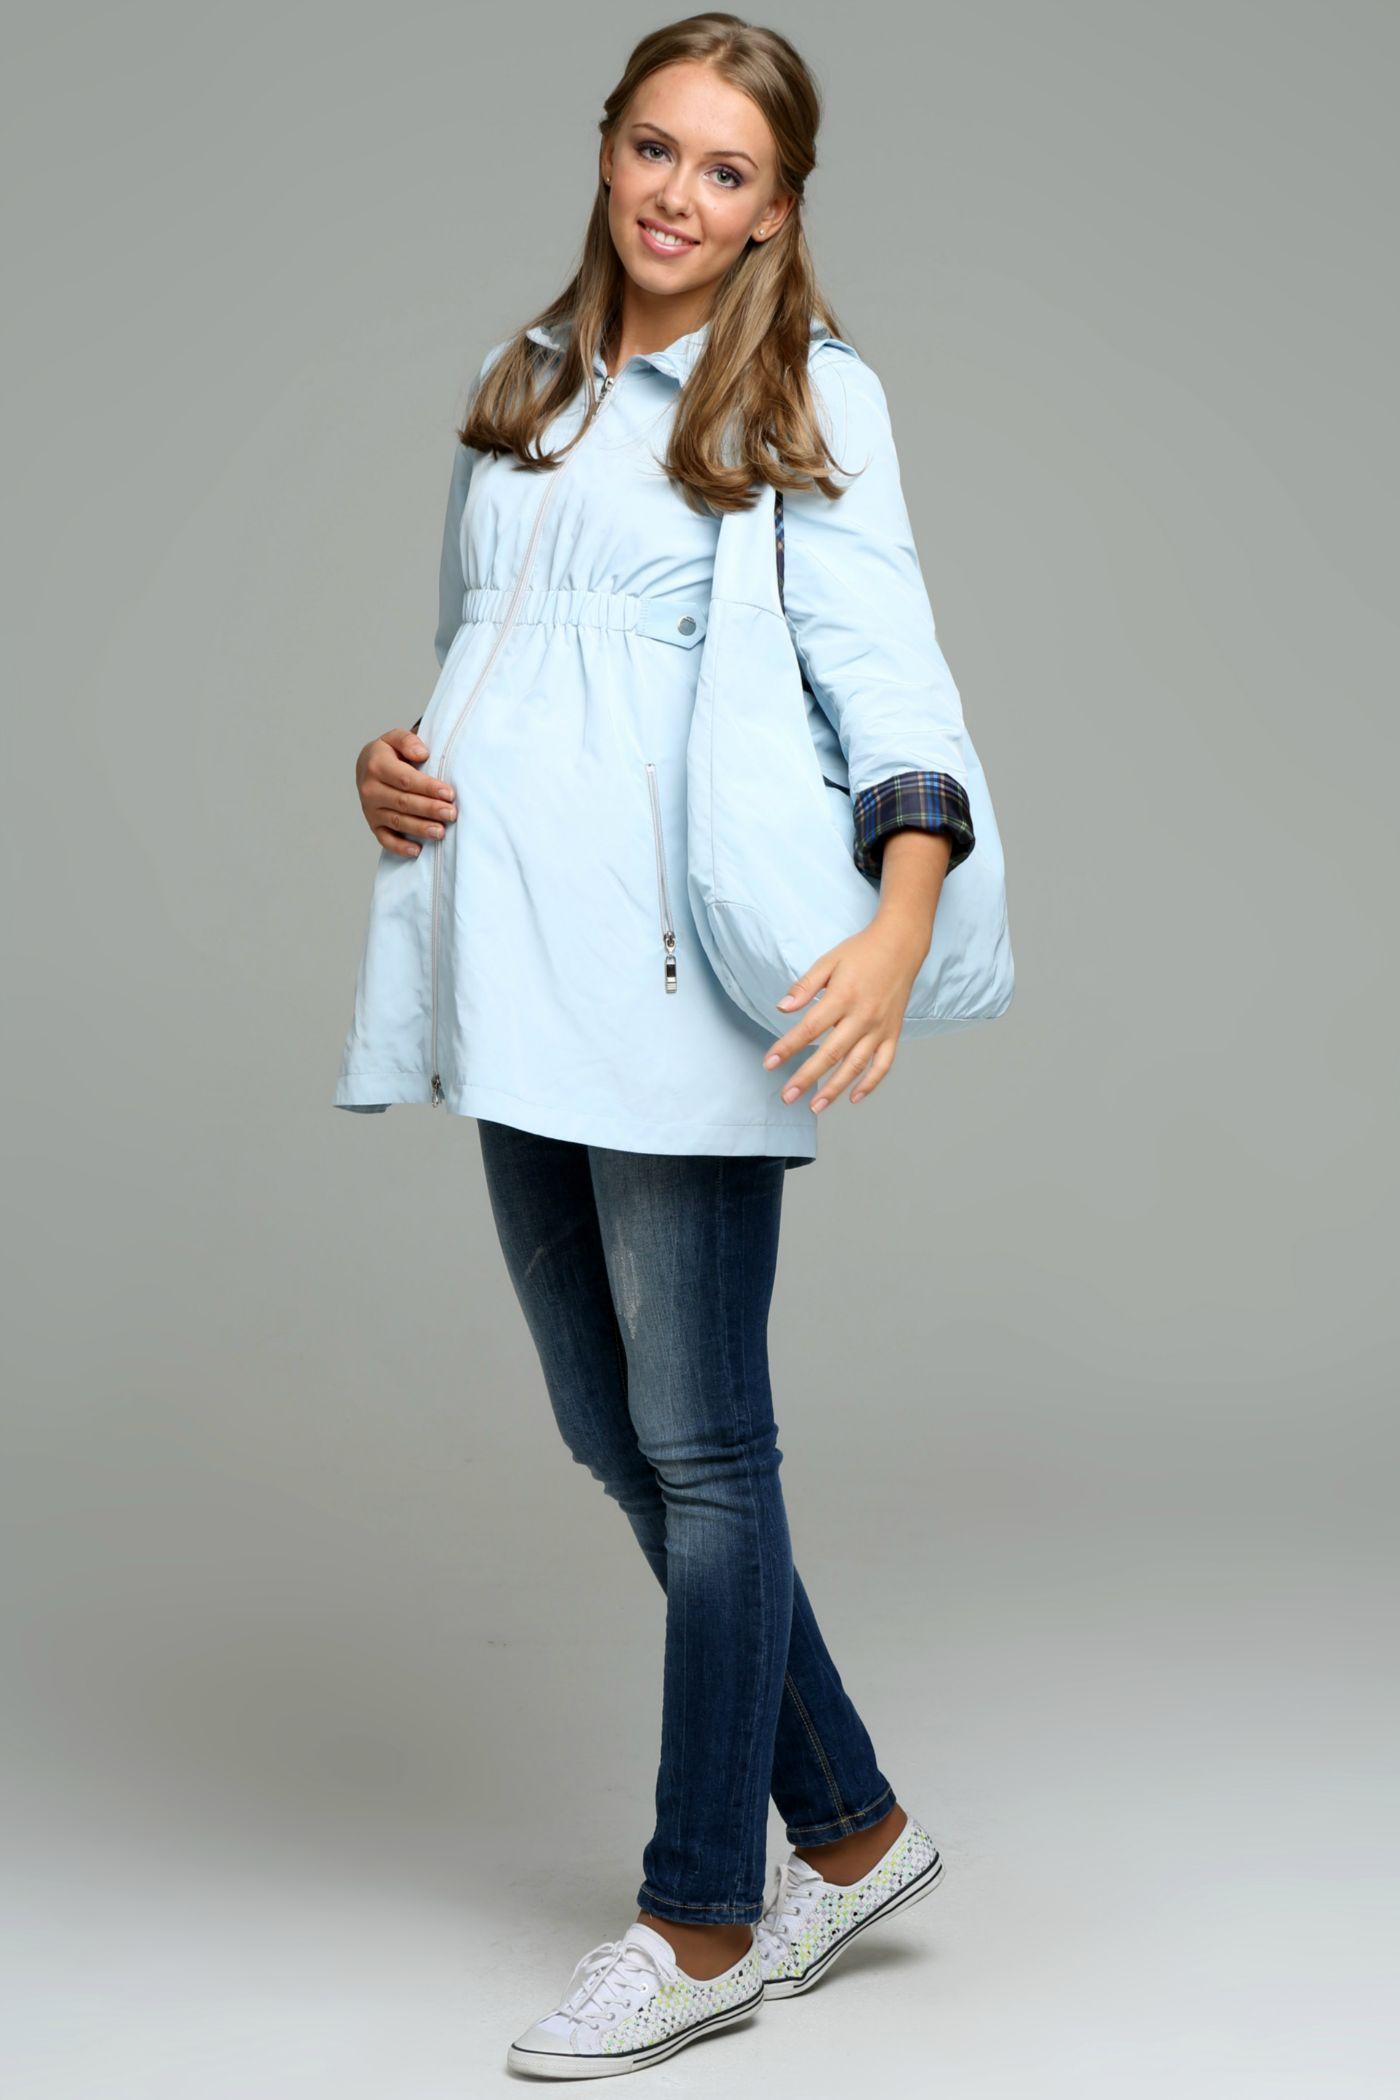 Где купить одежду для беременных в Саратове  28cbee63016